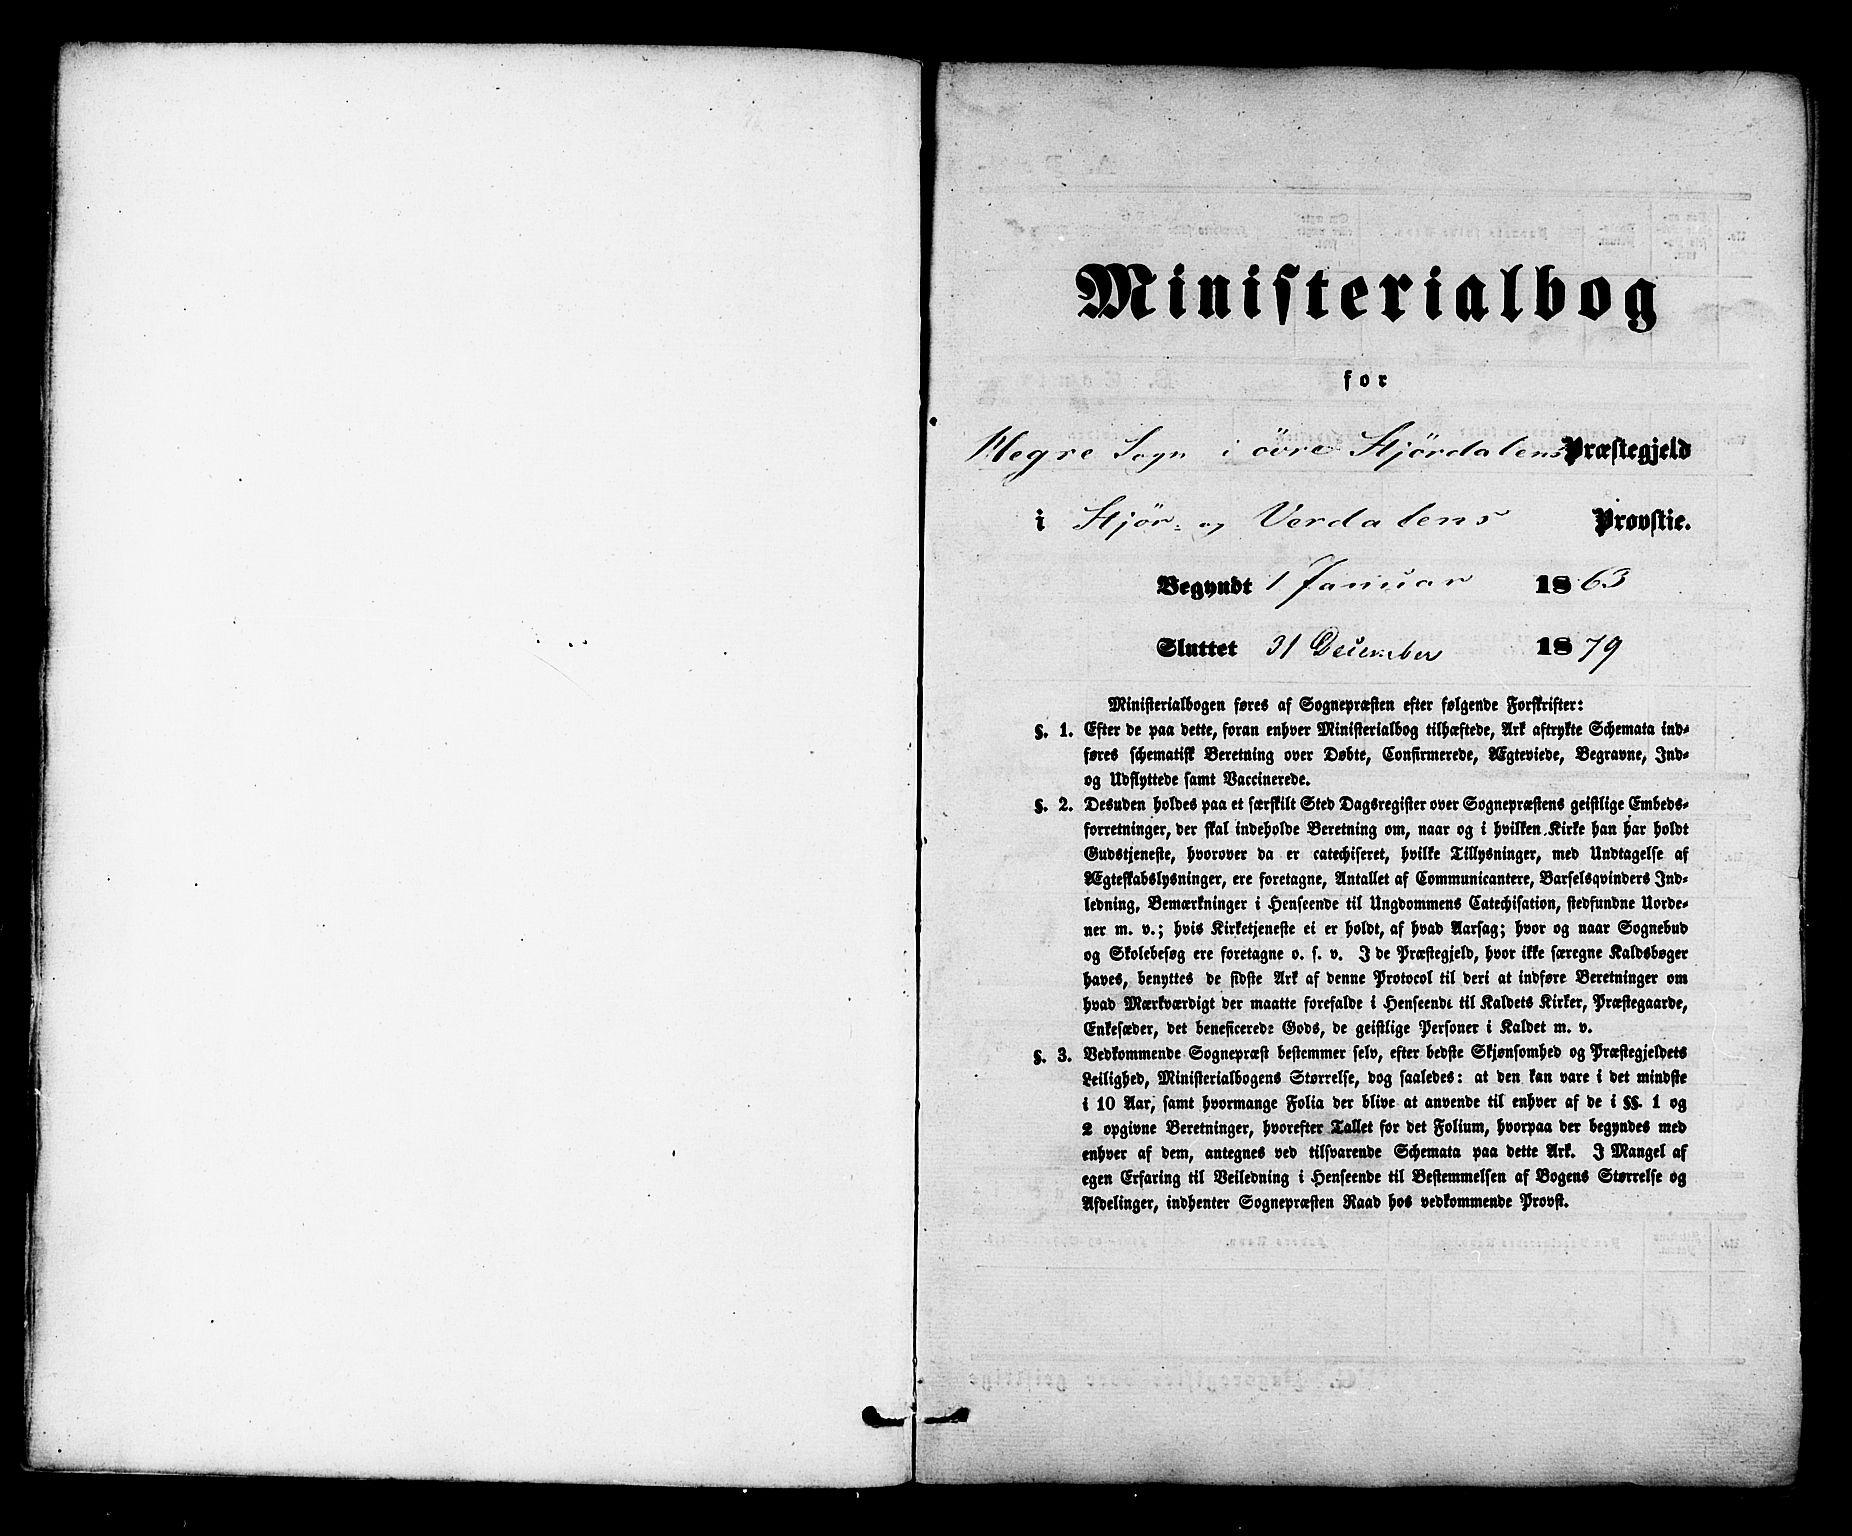 SAT, Ministerialprotokoller, klokkerbøker og fødselsregistre - Nord-Trøndelag, 703/L0029: Ministerialbok nr. 703A02, 1863-1879